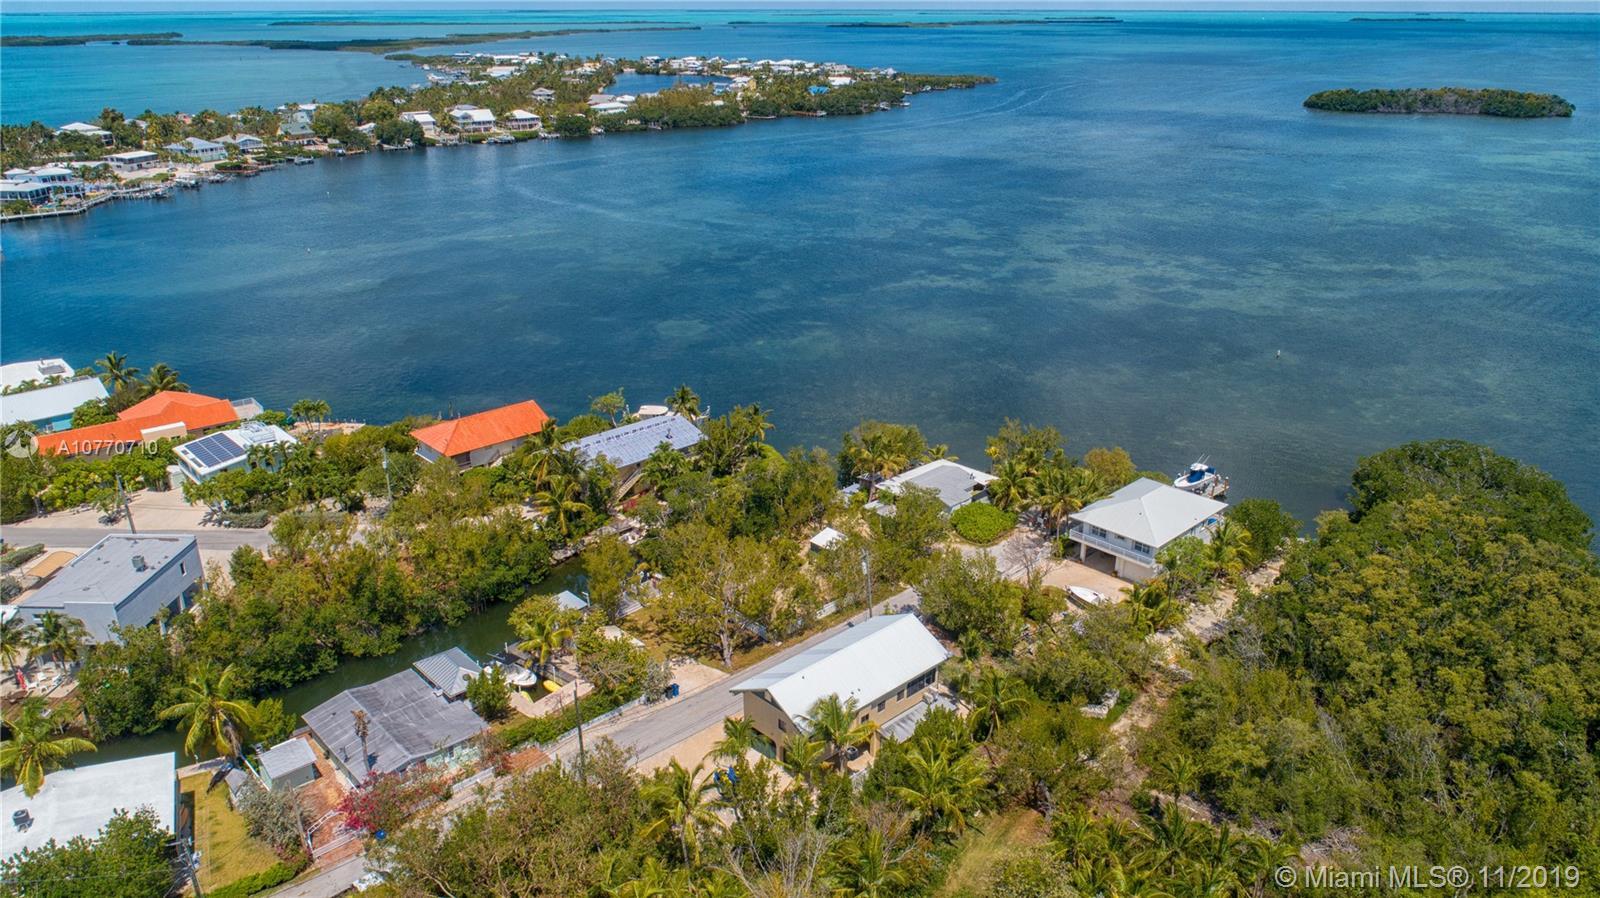 24 Buccaneer Dr, Other City - Keys/Islands/Caribbean FL 33037